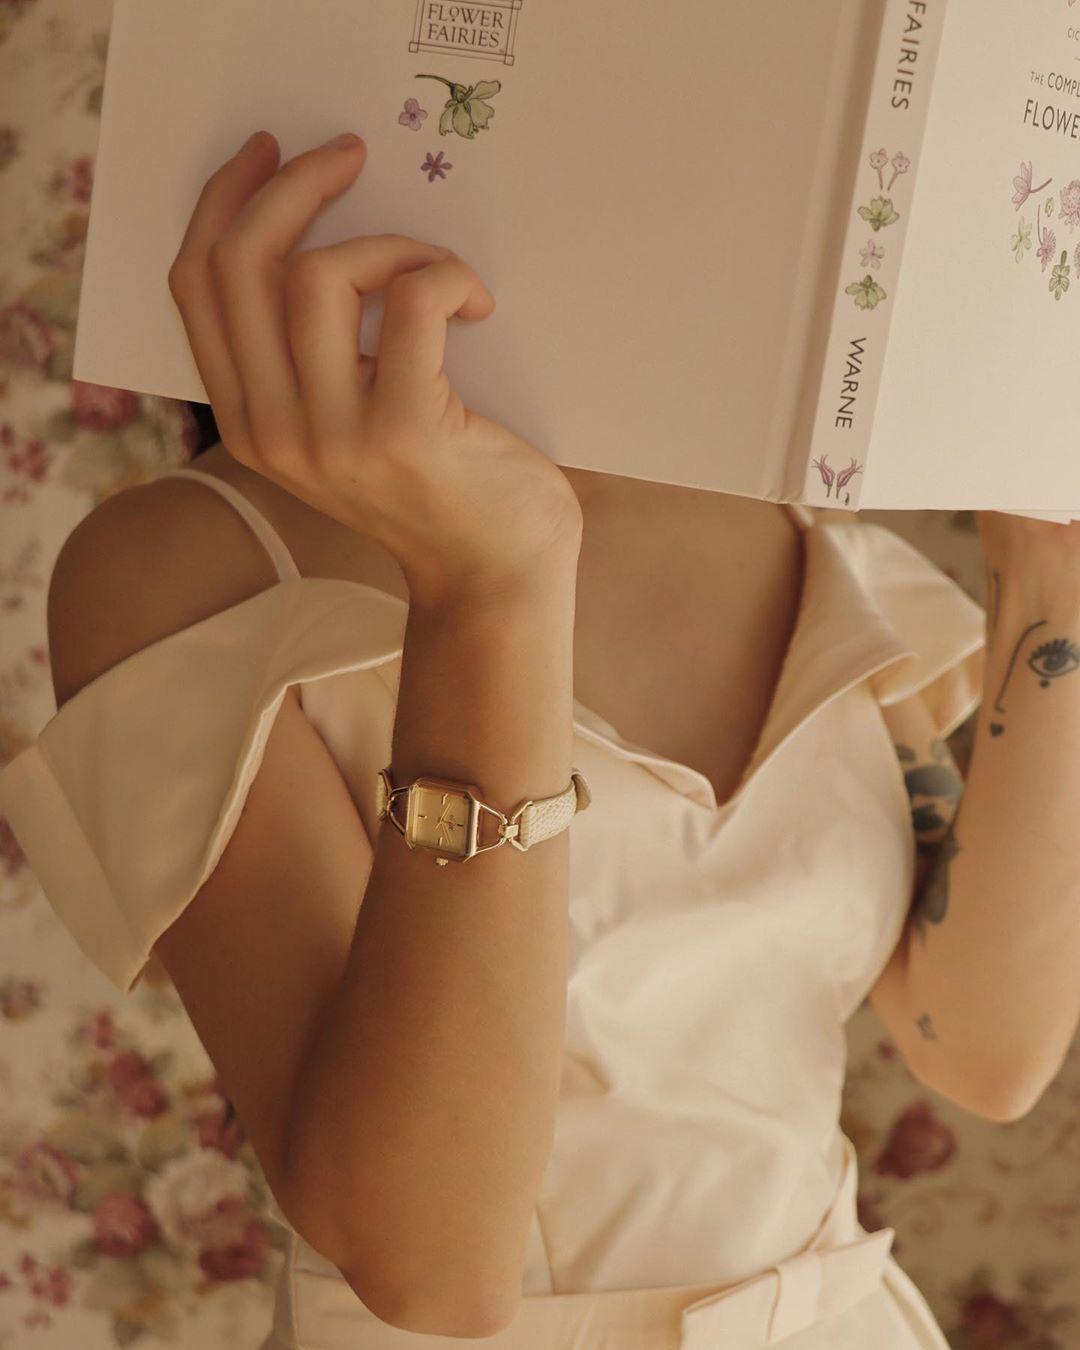 Đồng hồ cổ điển cho cung hoàng đạo xử nữ